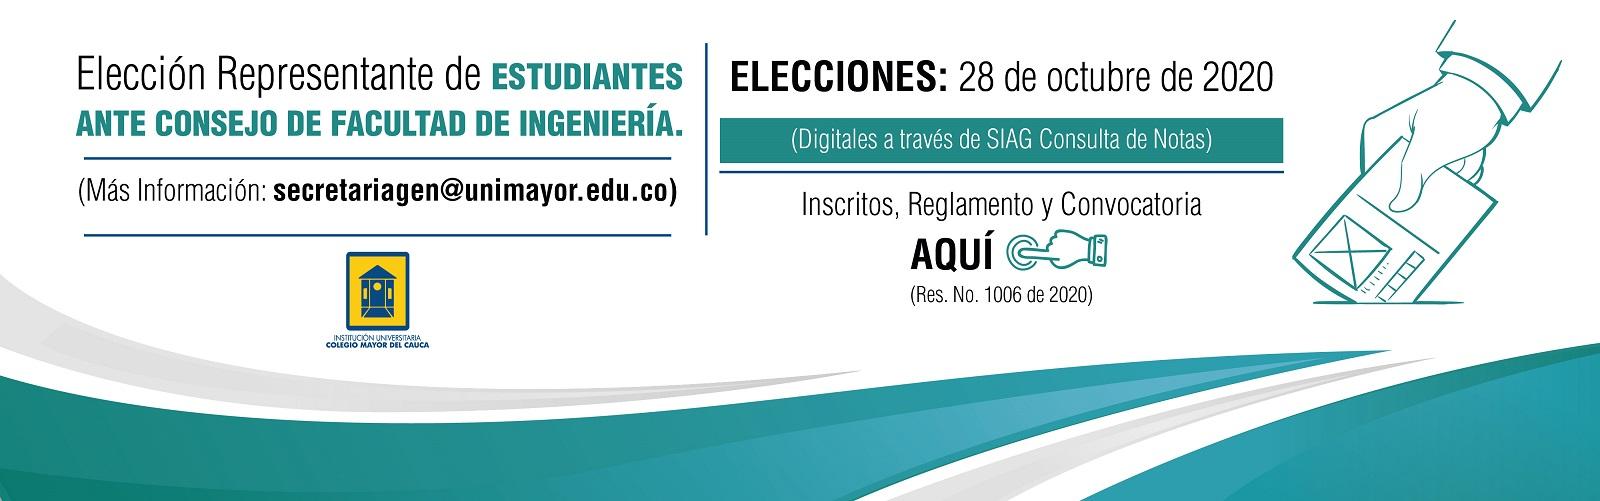 02_Banner_Elecciones_Estudiantes_ante_Consejo